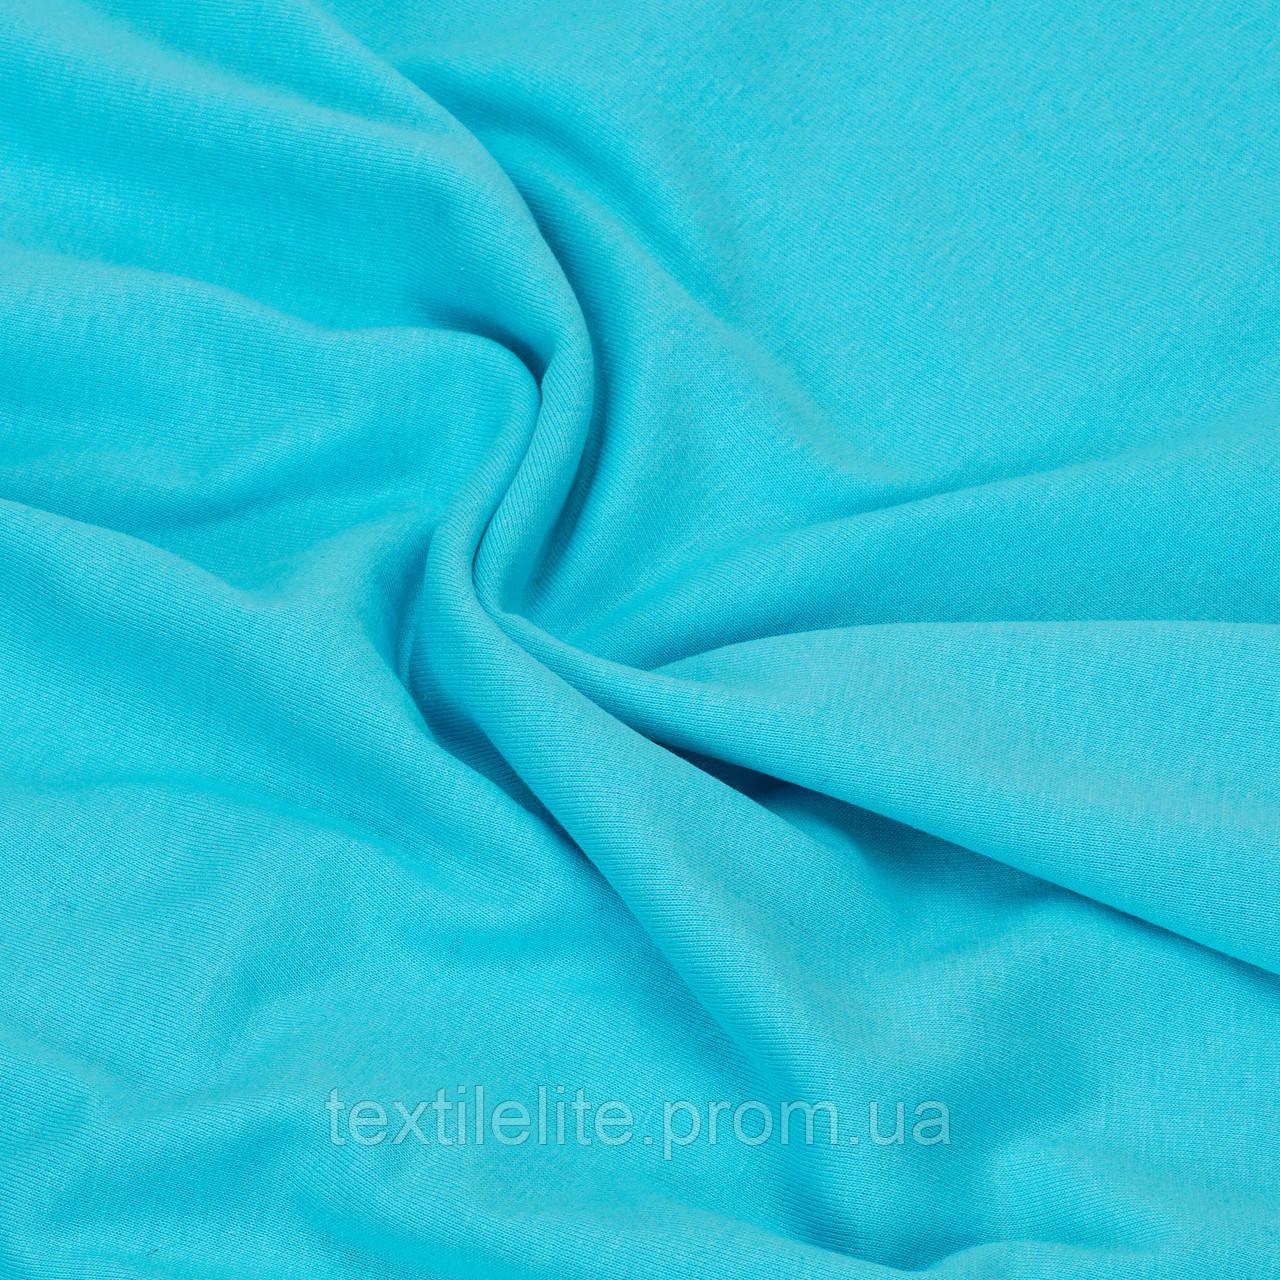 Трикотажная ткань кулирка цвет бирюзовый «Arctic», хлопок 100%